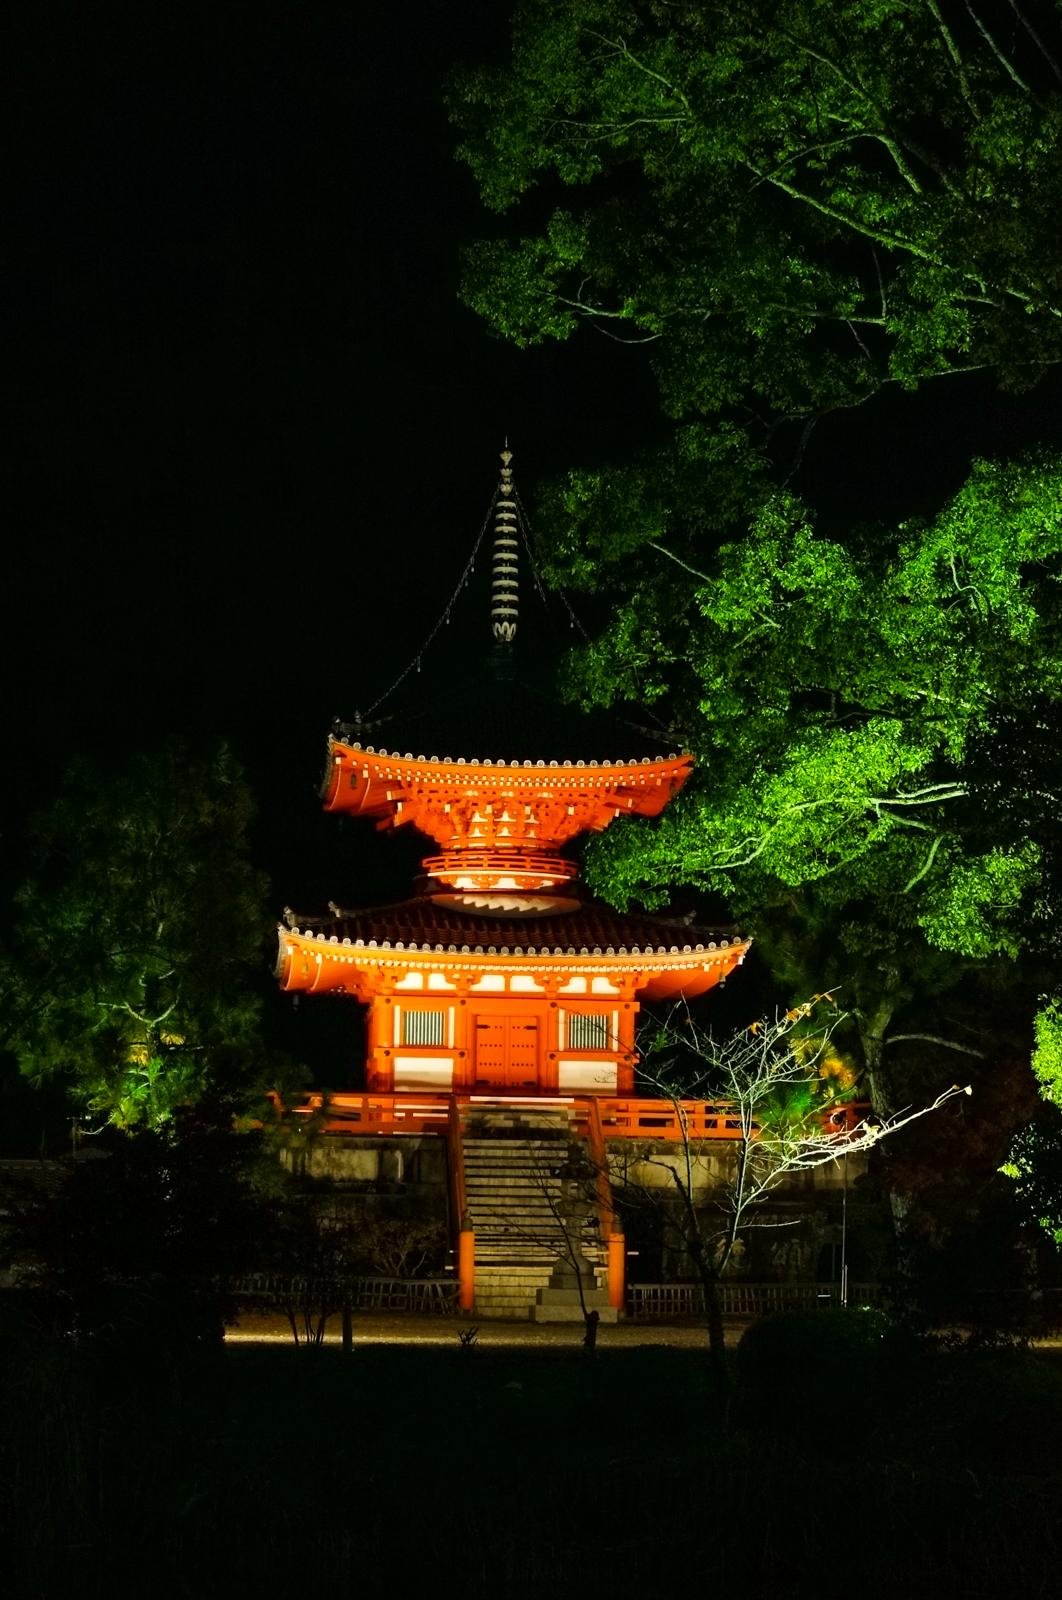 Kyoto, momiji kyoto, voyage kyoto, séjour kyoto, kyoto automne, kyoto fall, kyoto autumn, kyoto érables, kyoto by night, momiji by night, daikakuji, daikaku-ji, daikakuji temple